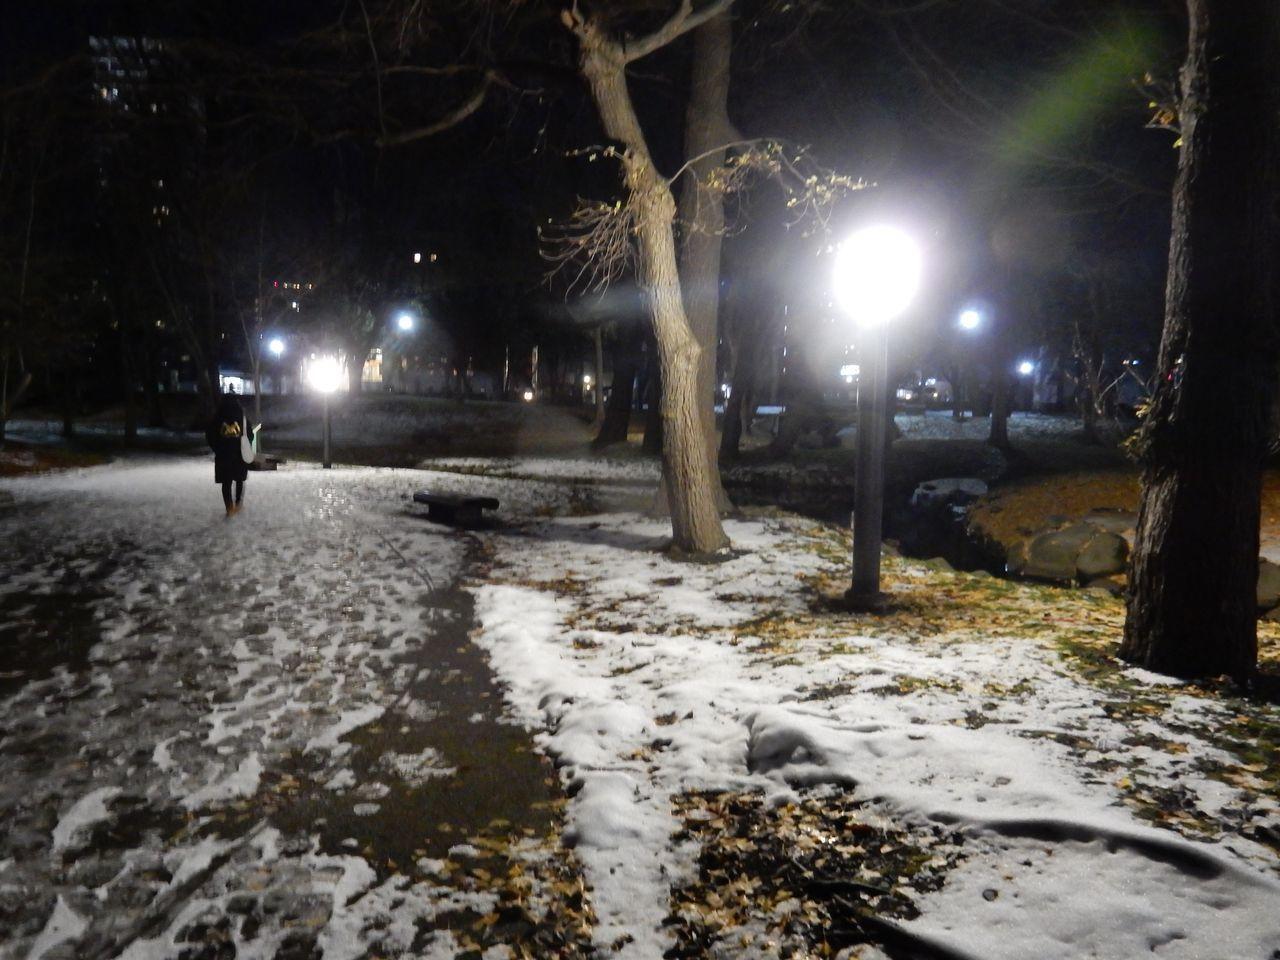 札幌の公式積雪は昨日でまた消えていた_c0025115_20413994.jpg